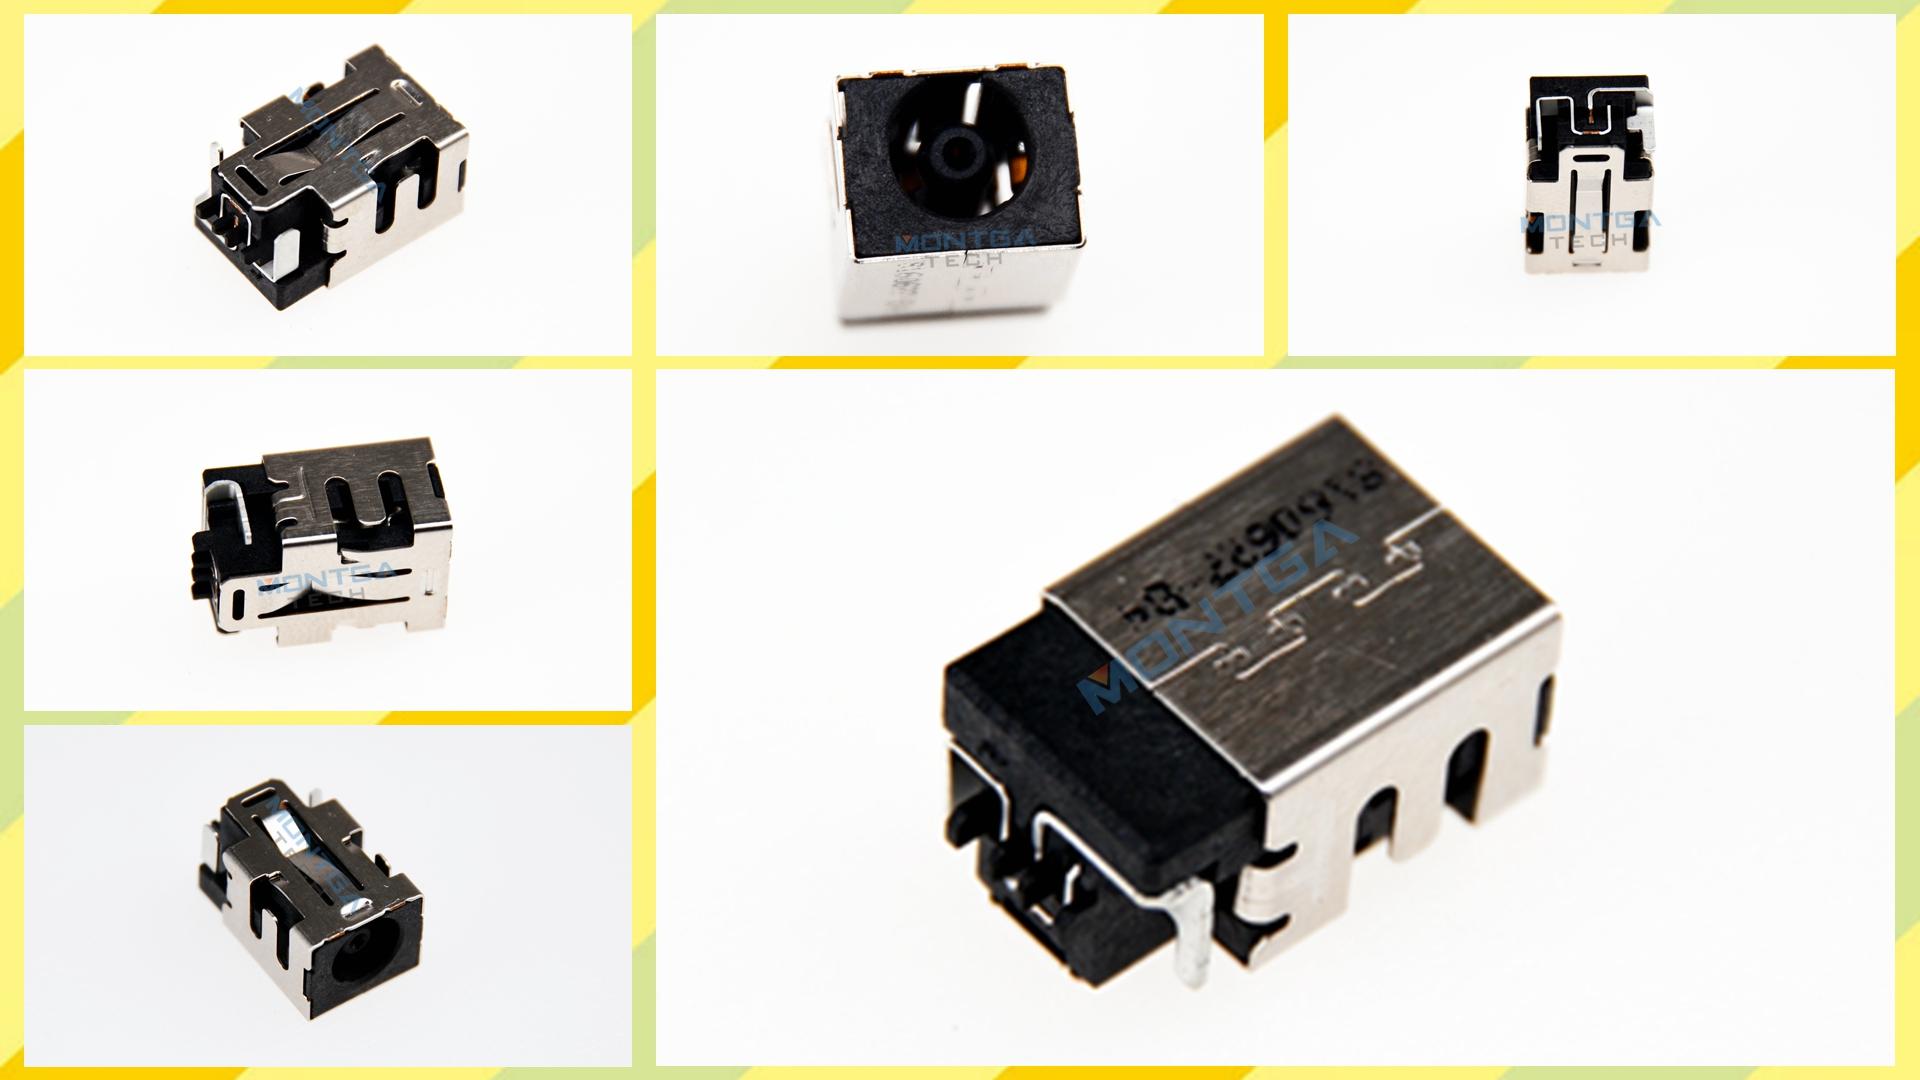 HP X360 11 G1 EE DC Jack, HP X360 11 G1 EE Jack alimentation, HP X360 11 G1 EE Power Jack, HP X360 11 G1 EE Prise Connecteur, HP X360 11 G1 EE Connecteur alimentation, HP X360 11 G1 EE connecteur de charge,